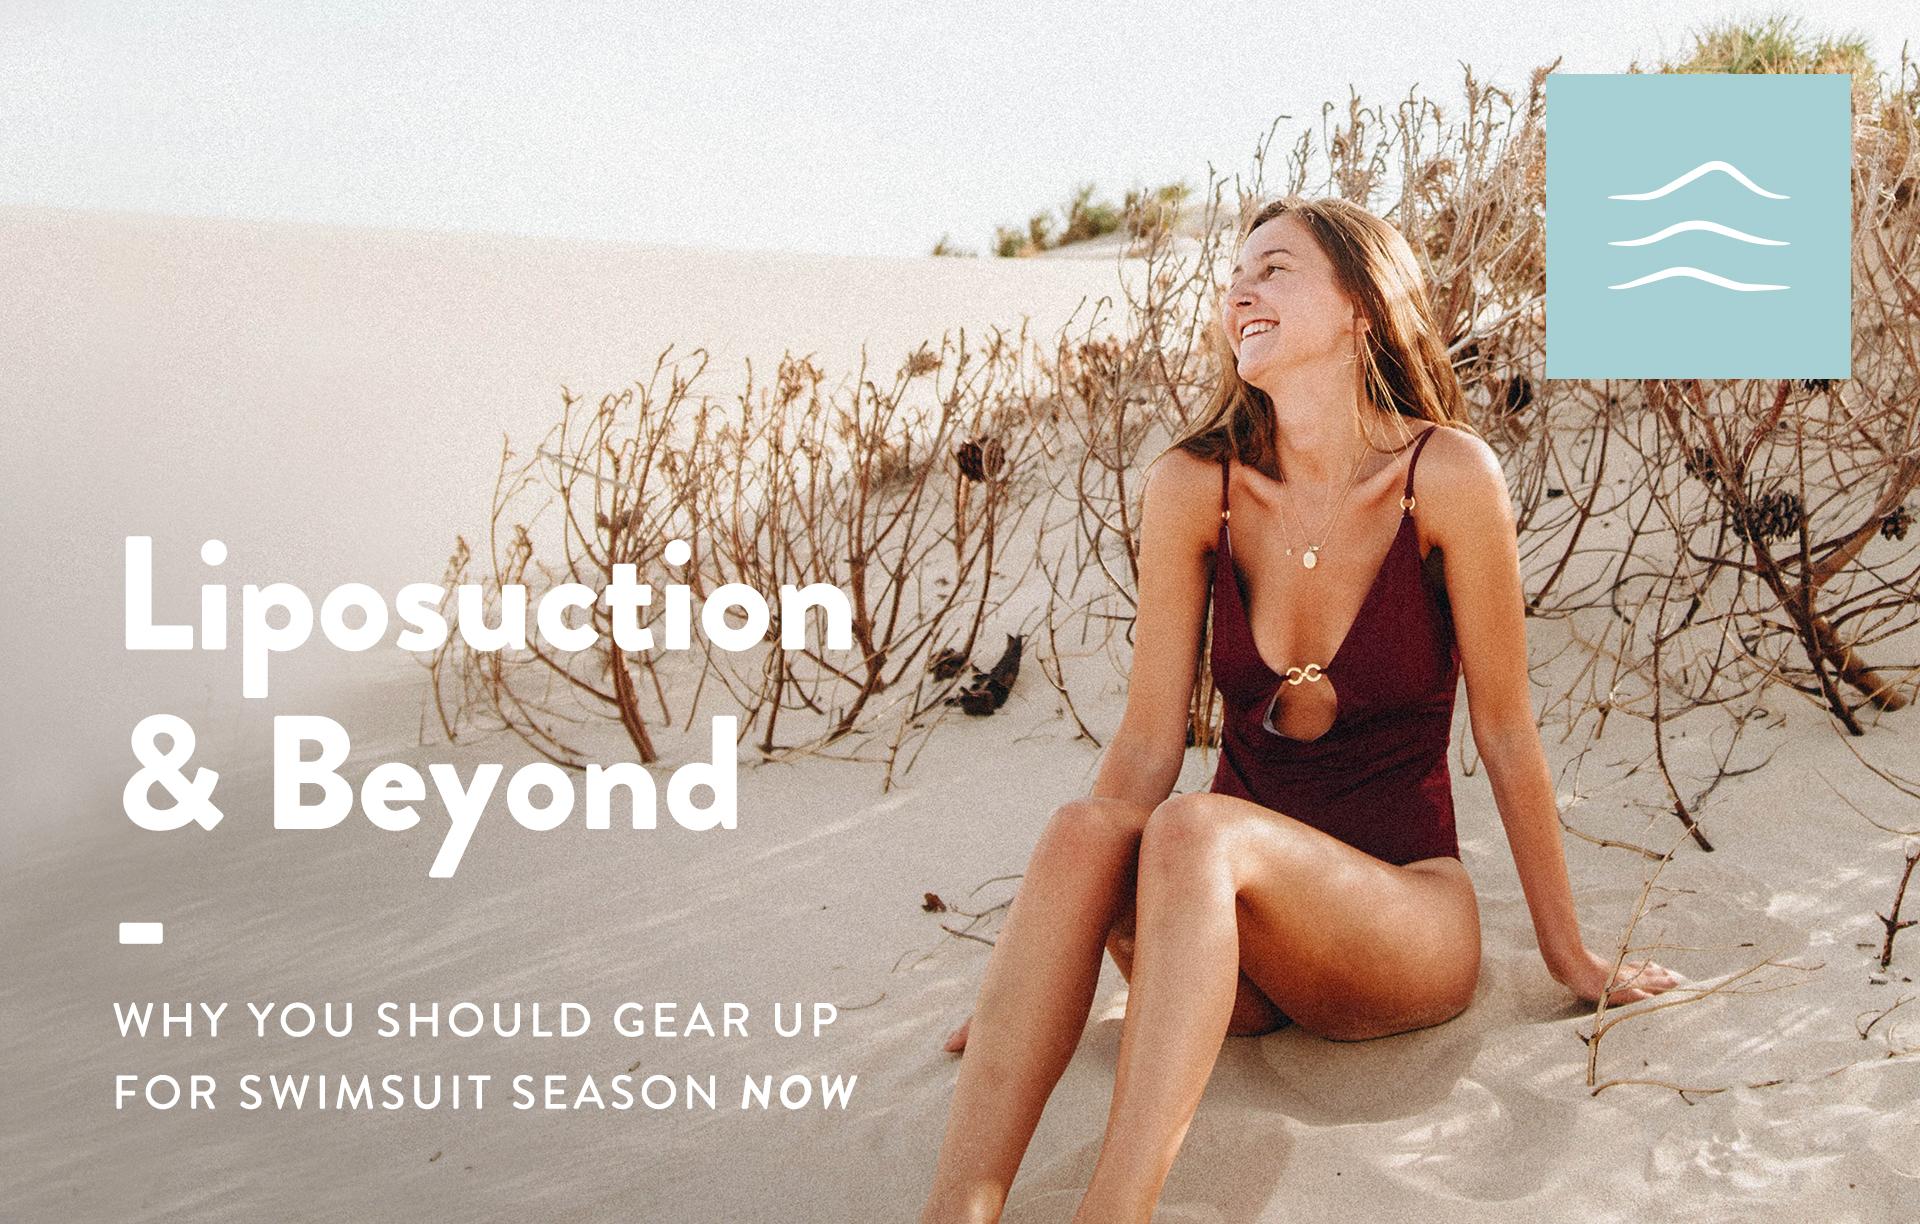 women-after-liposuction.jpg